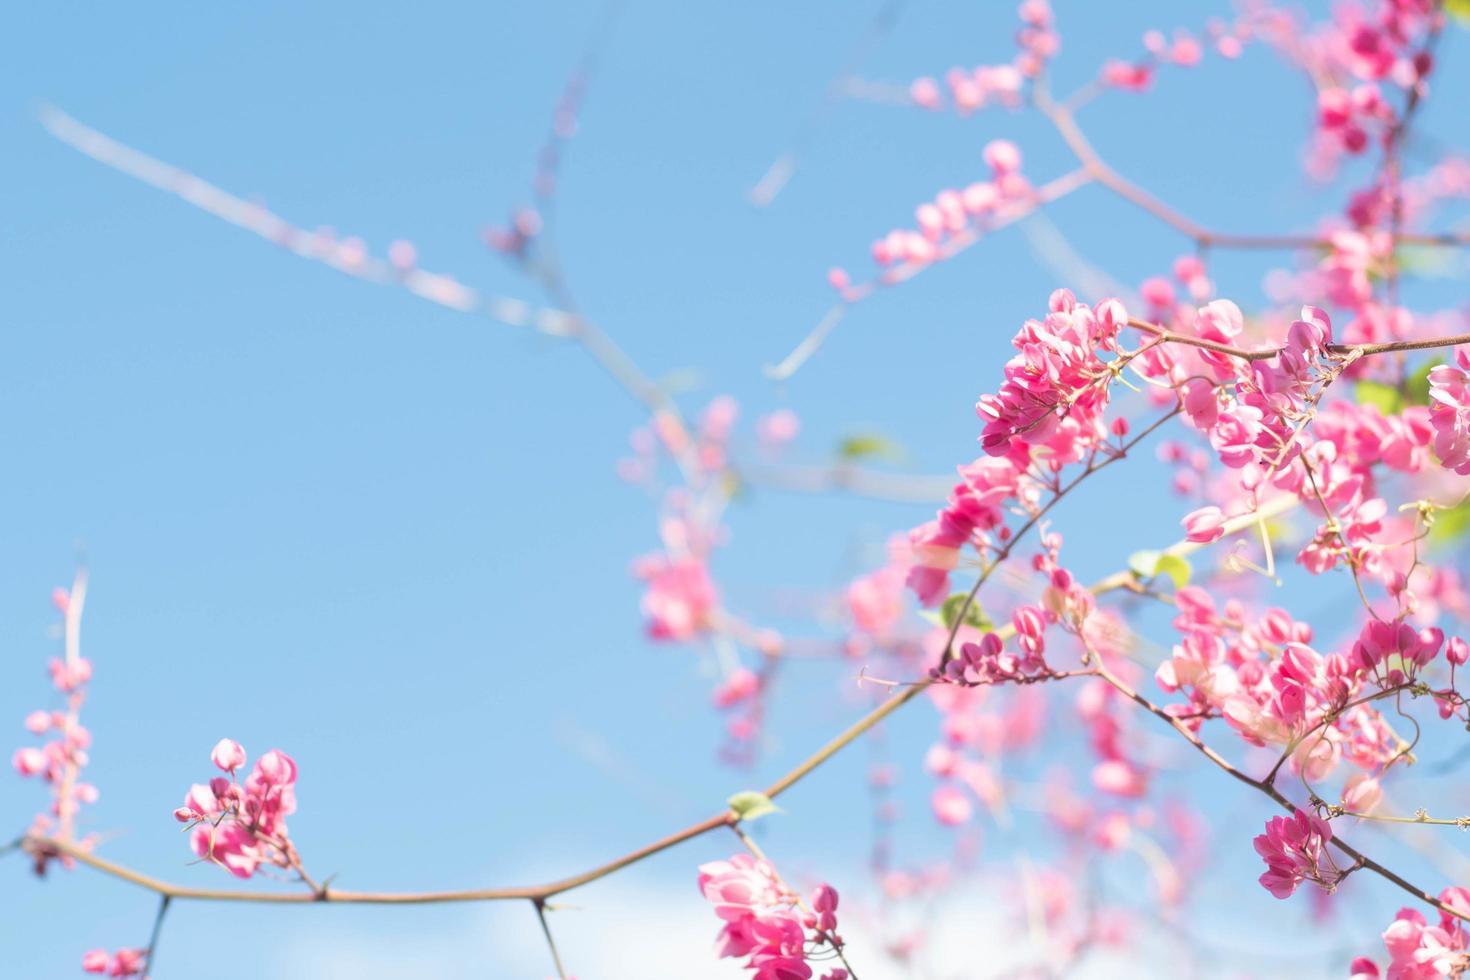 vackra ljusa körsbärsblomsträd foto